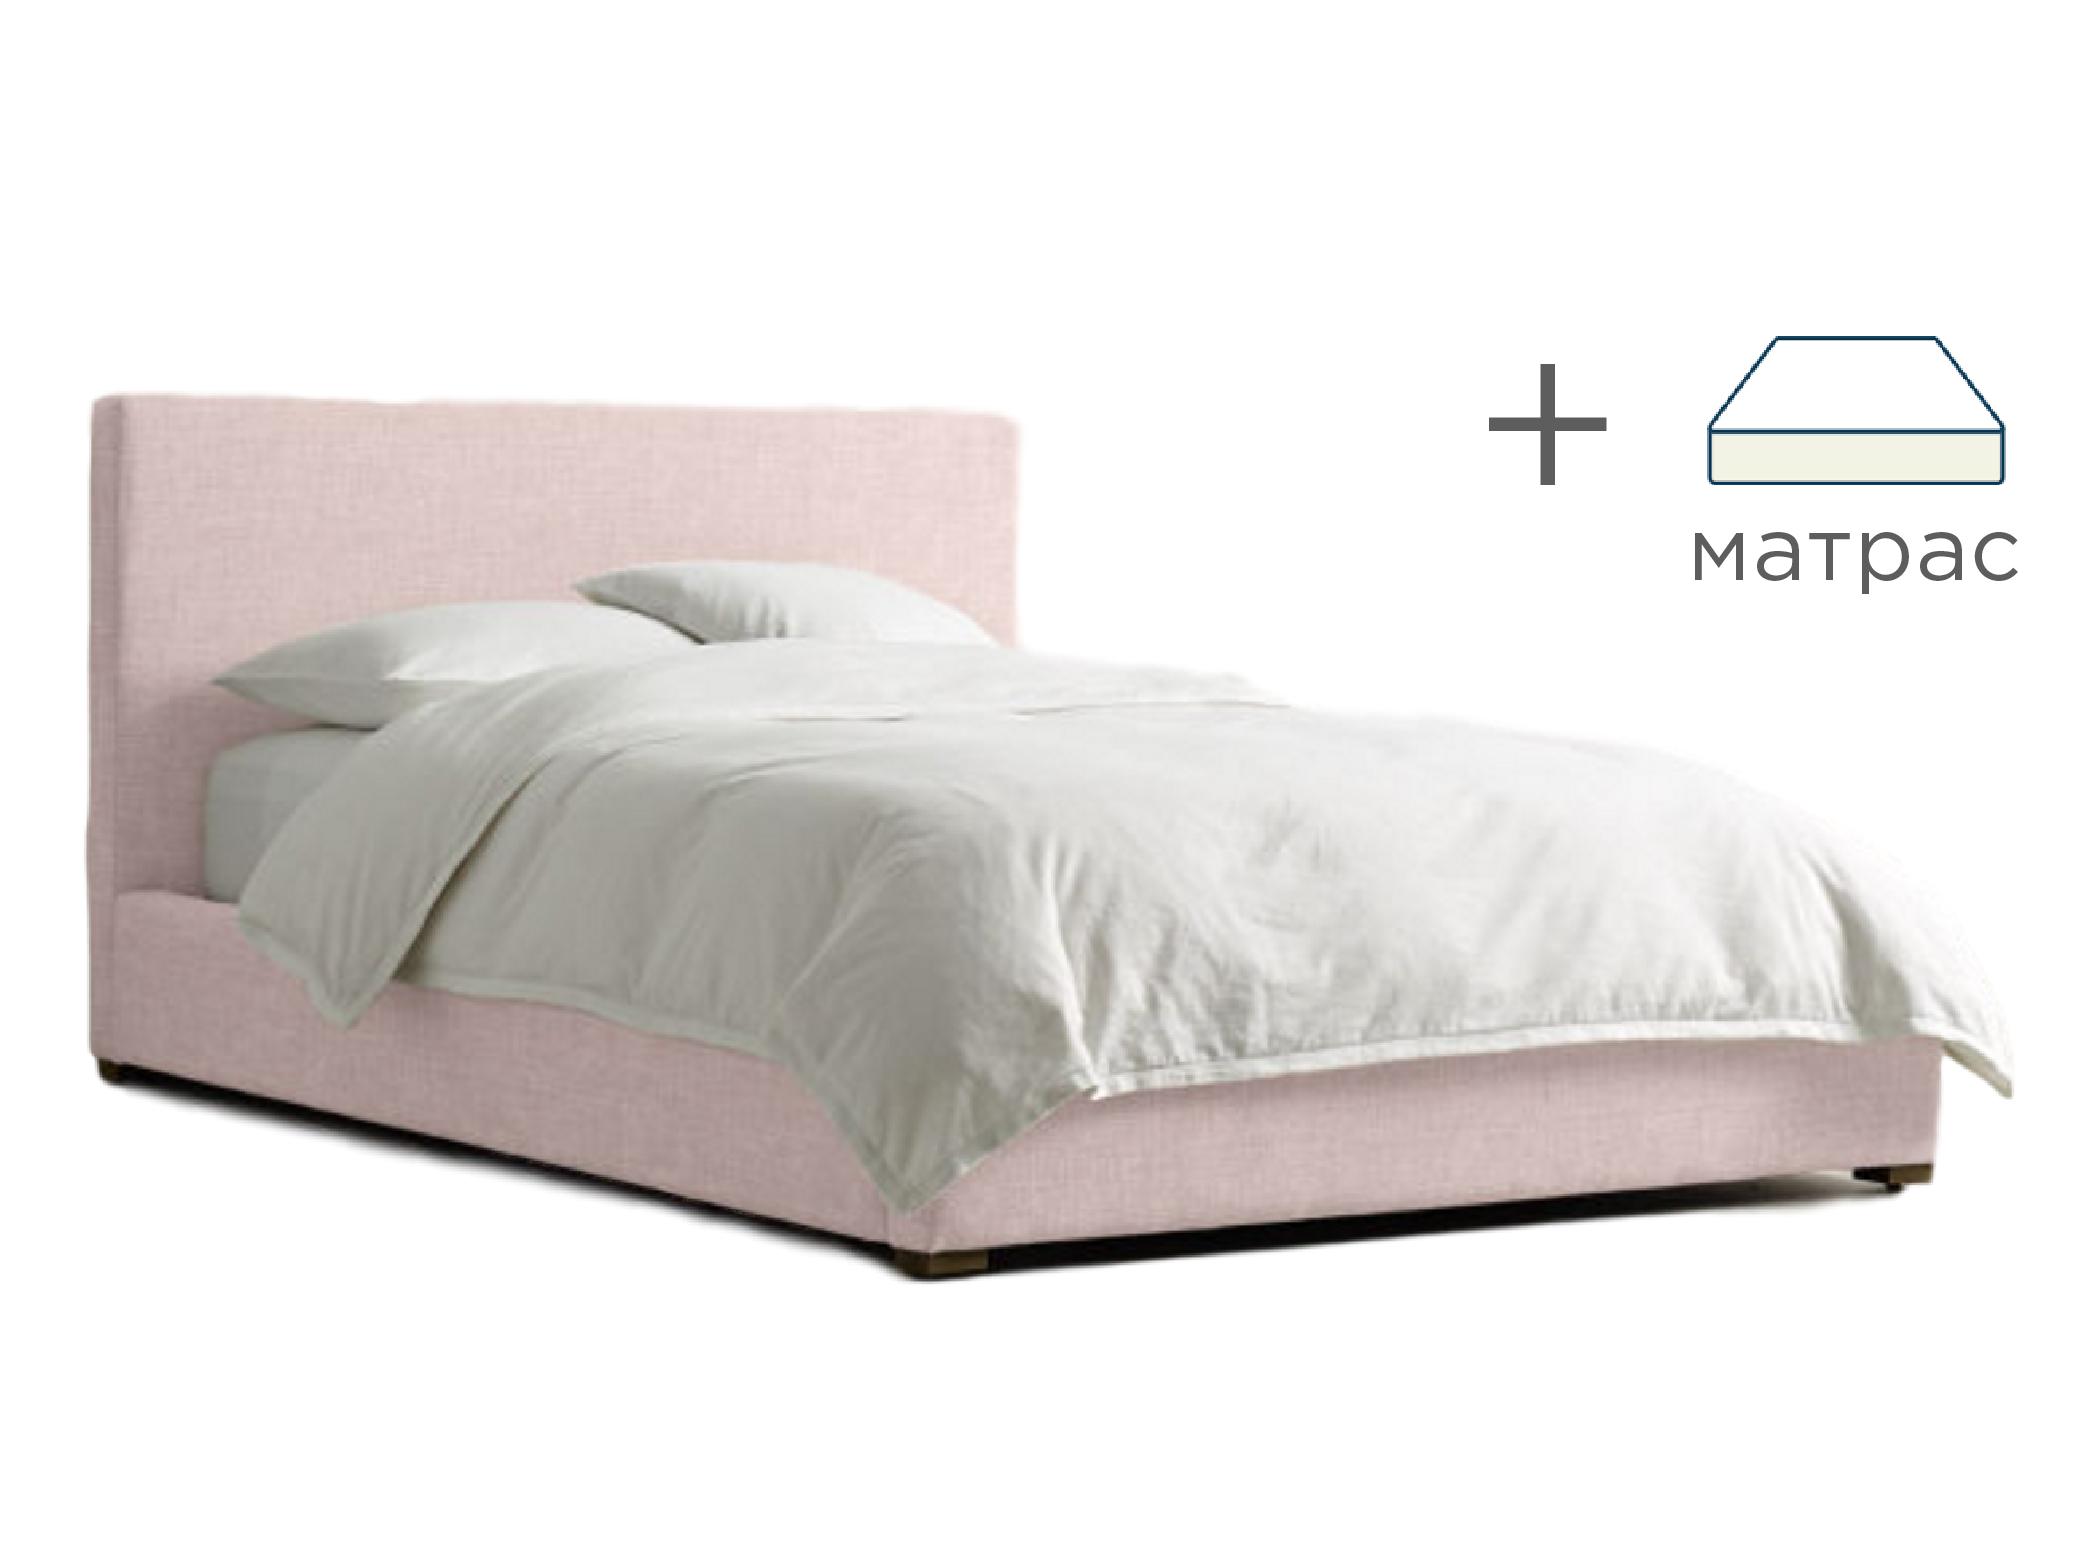 Кровать Beck Platform с матрасомКровати + матрасы<br>&amp;lt;div&amp;gt;Выгодная скидка при покупке комплекта!&amp;lt;/div&amp;gt;&amp;lt;div&amp;gt;Кровать в скандинавском стиле вместе с ортопедическим матрасом &amp;quot;Ascona Terapia Pulse&amp;quot;&amp;lt;/div&amp;gt;&amp;lt;div&amp;gt;&amp;lt;br&amp;gt;&amp;lt;/div&amp;gt;&amp;lt;div&amp;gt;Характеристики кровати:&amp;lt;/div&amp;gt;&amp;lt;div&amp;gt;Размер спального места: 160*200&amp;lt;/div&amp;gt;&amp;lt;div&amp;gt;Материалы: бук, текстиль&amp;amp;nbsp;&amp;lt;/div&amp;gt;&amp;lt;div&amp;gt;Варианты исполнения: более 200 цветов высокой категории&amp;amp;nbsp;&amp;lt;/div&amp;gt;&amp;lt;div&amp;gt;&amp;lt;br&amp;gt;&amp;lt;/div&amp;gt;&amp;lt;div&amp;gt;Характеристики матраса:&amp;lt;/div&amp;gt;&amp;lt;div&amp;gt;100% хлопковый жаккард с антибактериальной пропиткой с ионами Ag+&amp;lt;/div&amp;gt;&amp;lt;div&amp;gt;Блок независимых пружин «Песочные часы Extra»&amp;lt;/div&amp;gt;&amp;lt;div&amp;gt;Короб по периметру из пены Orto Foam®&amp;lt;/div&amp;gt;&amp;lt;div&amp;gt;Жесткость: низкая&amp;lt;/div&amp;gt;<br><br>Material: Текстиль<br>Width см: 210<br>Depth см: 170<br>Height см: 100